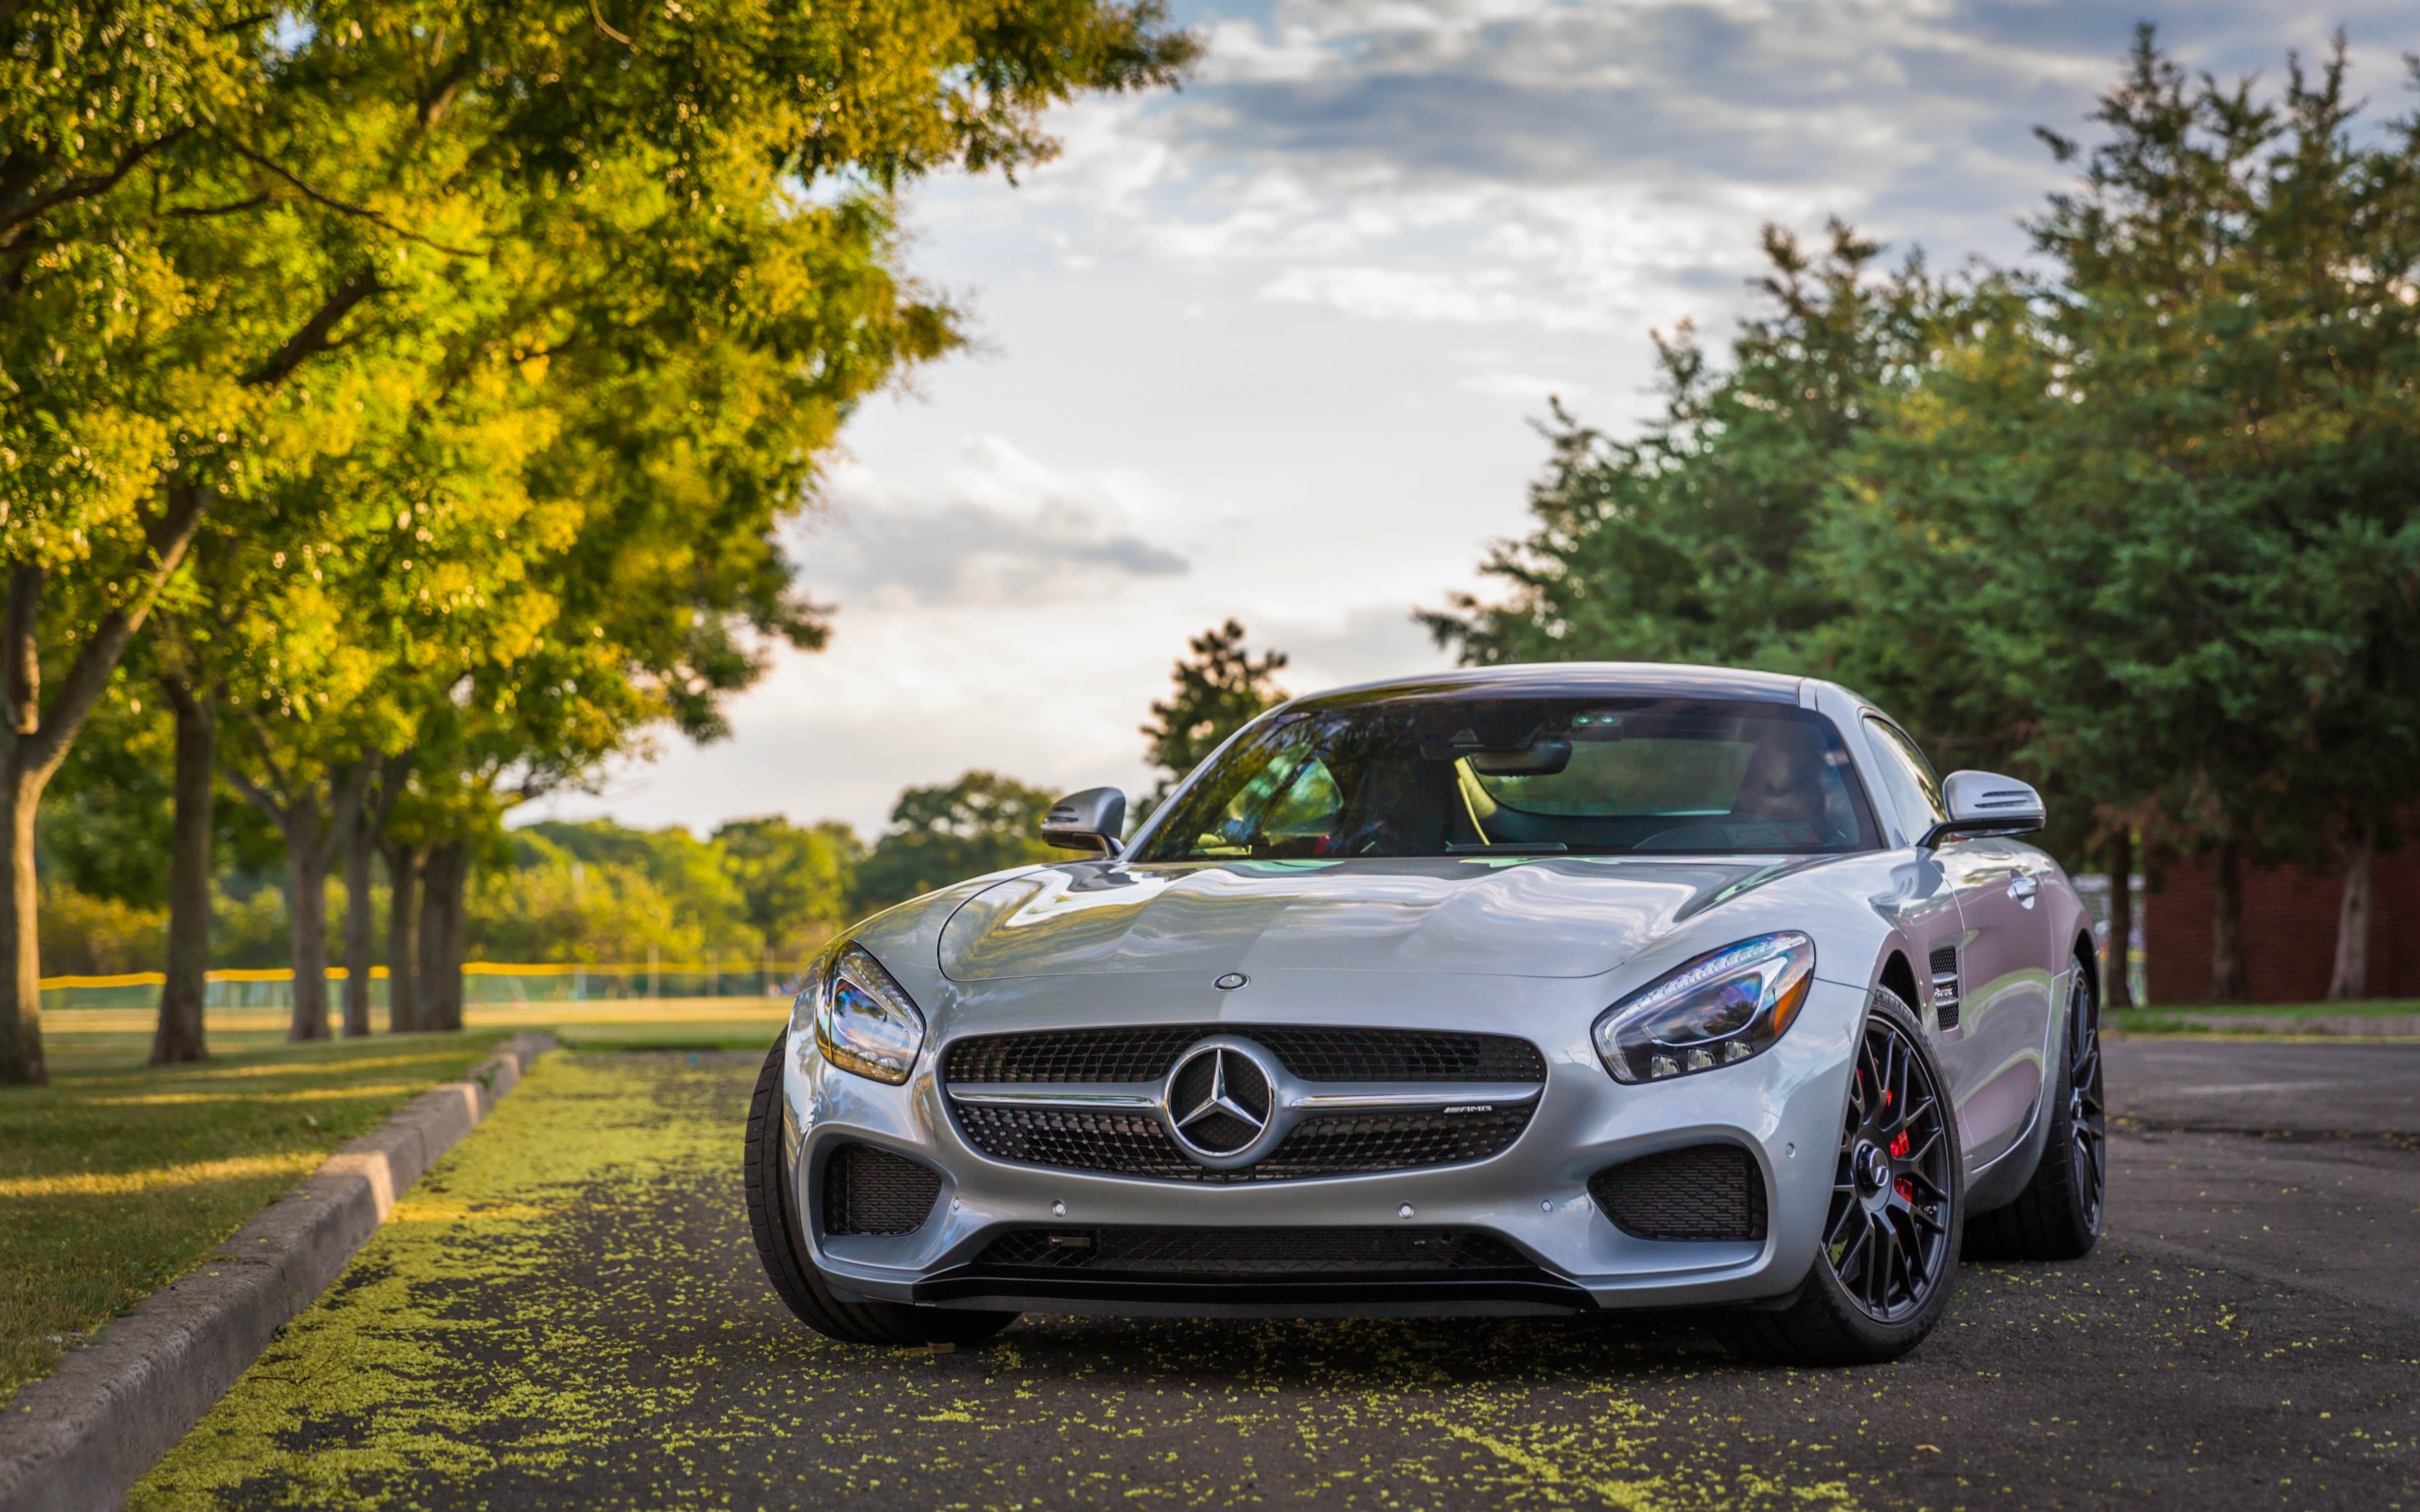 мерседес серебристый Mercedes silver  № 287986 загрузить